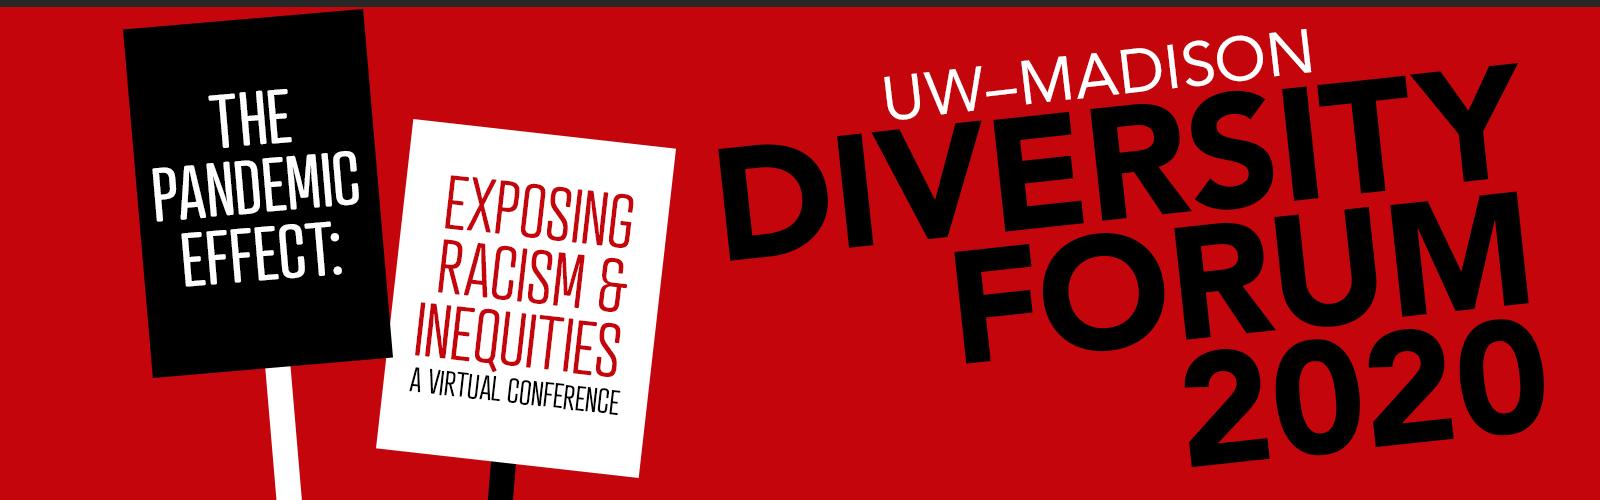 UW–Madison Diversity Forum 2020 - The Pandemic Effect: Exposing Racism & Inequities